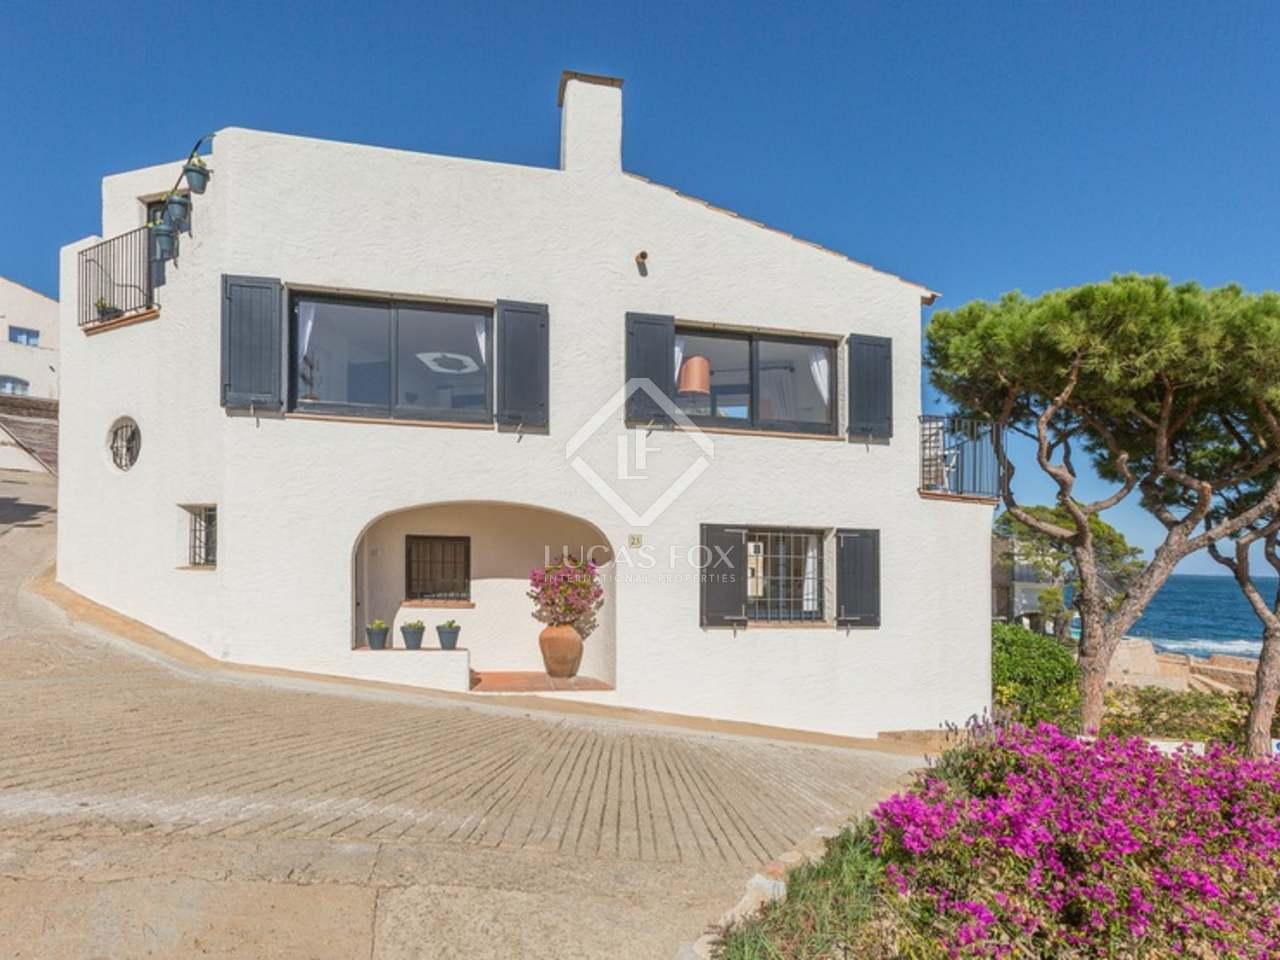 maison villa de 246m 178 a vendre 224 aiguablava costa brava